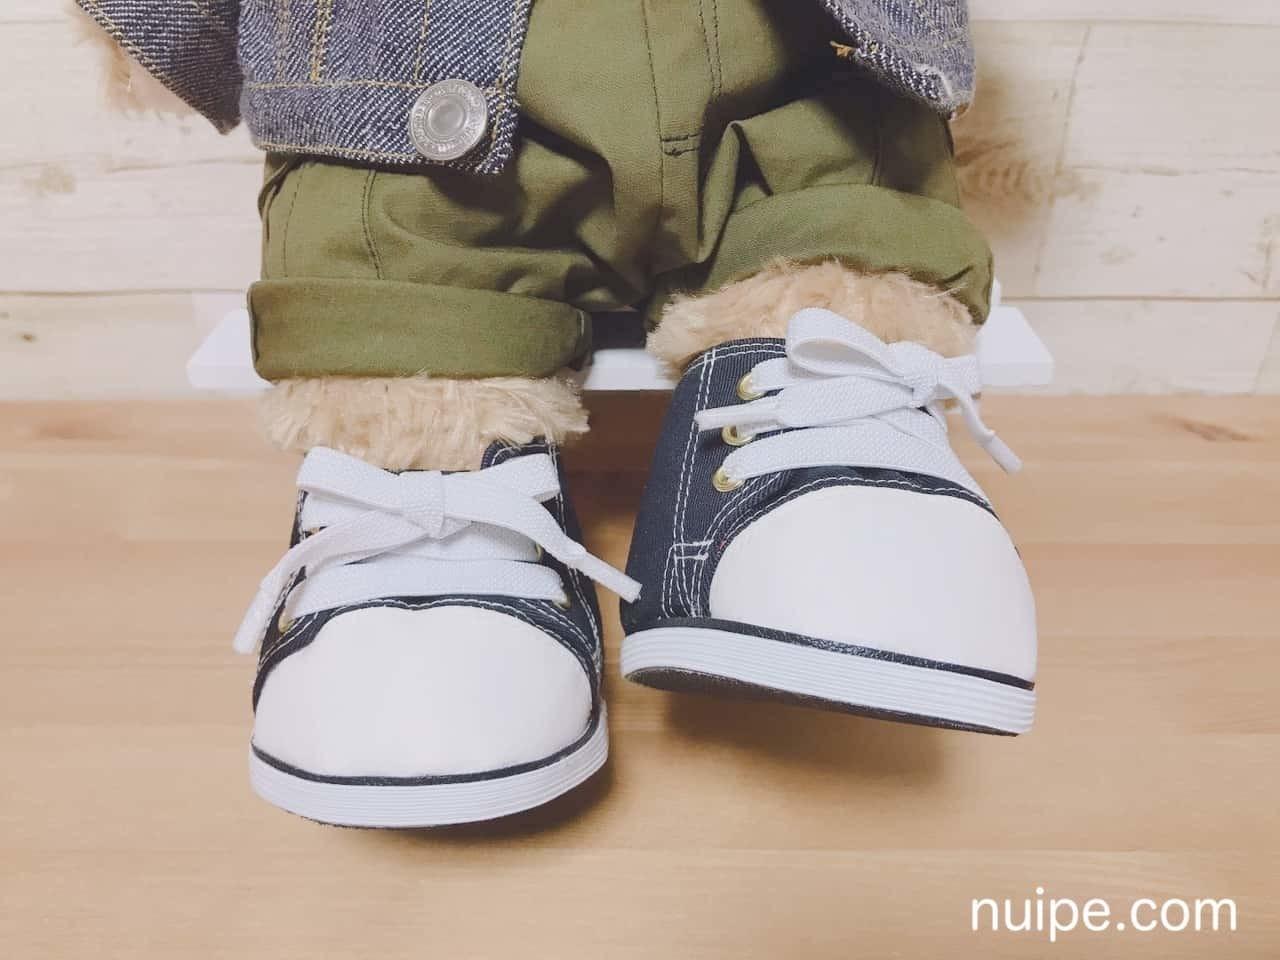 ダッフィーサイズの靴】本格スニーカーの型紙|ぬいぺ|note